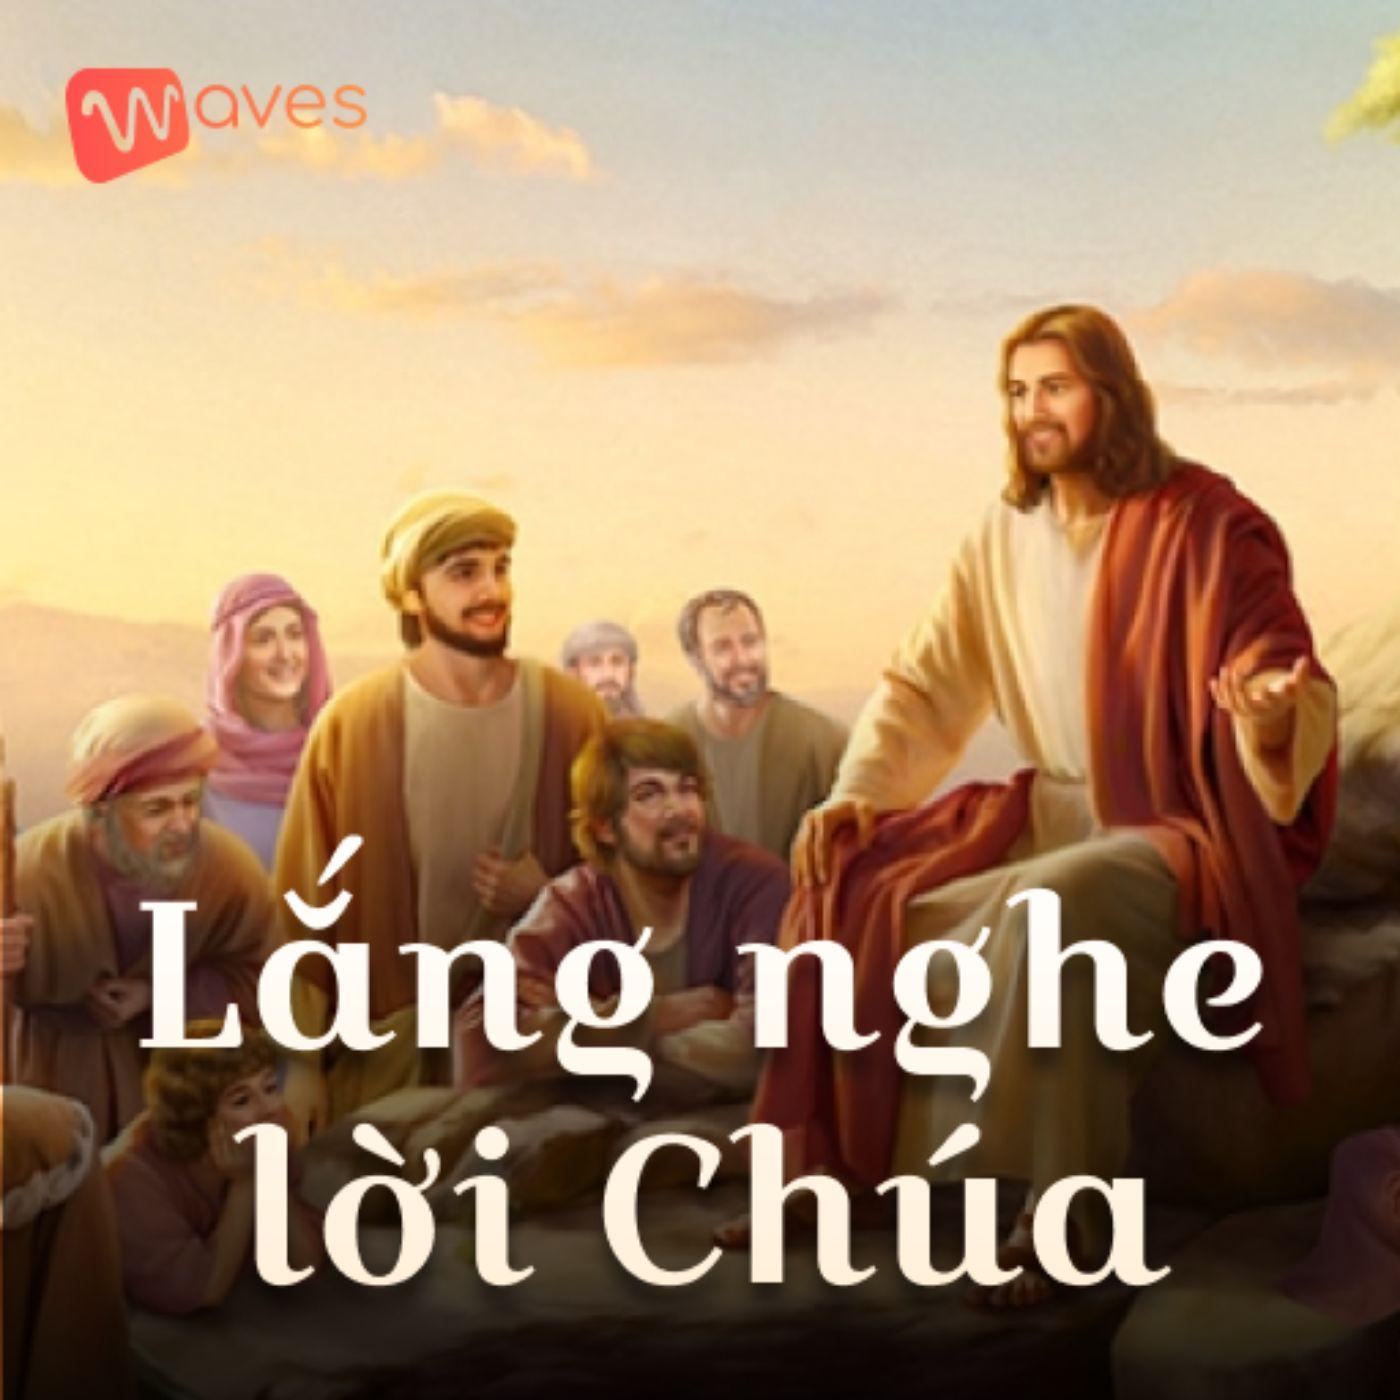 S1E2 - Bài giảng cười ra nước mắt của Cha Khảm - WAVES - Công giáo